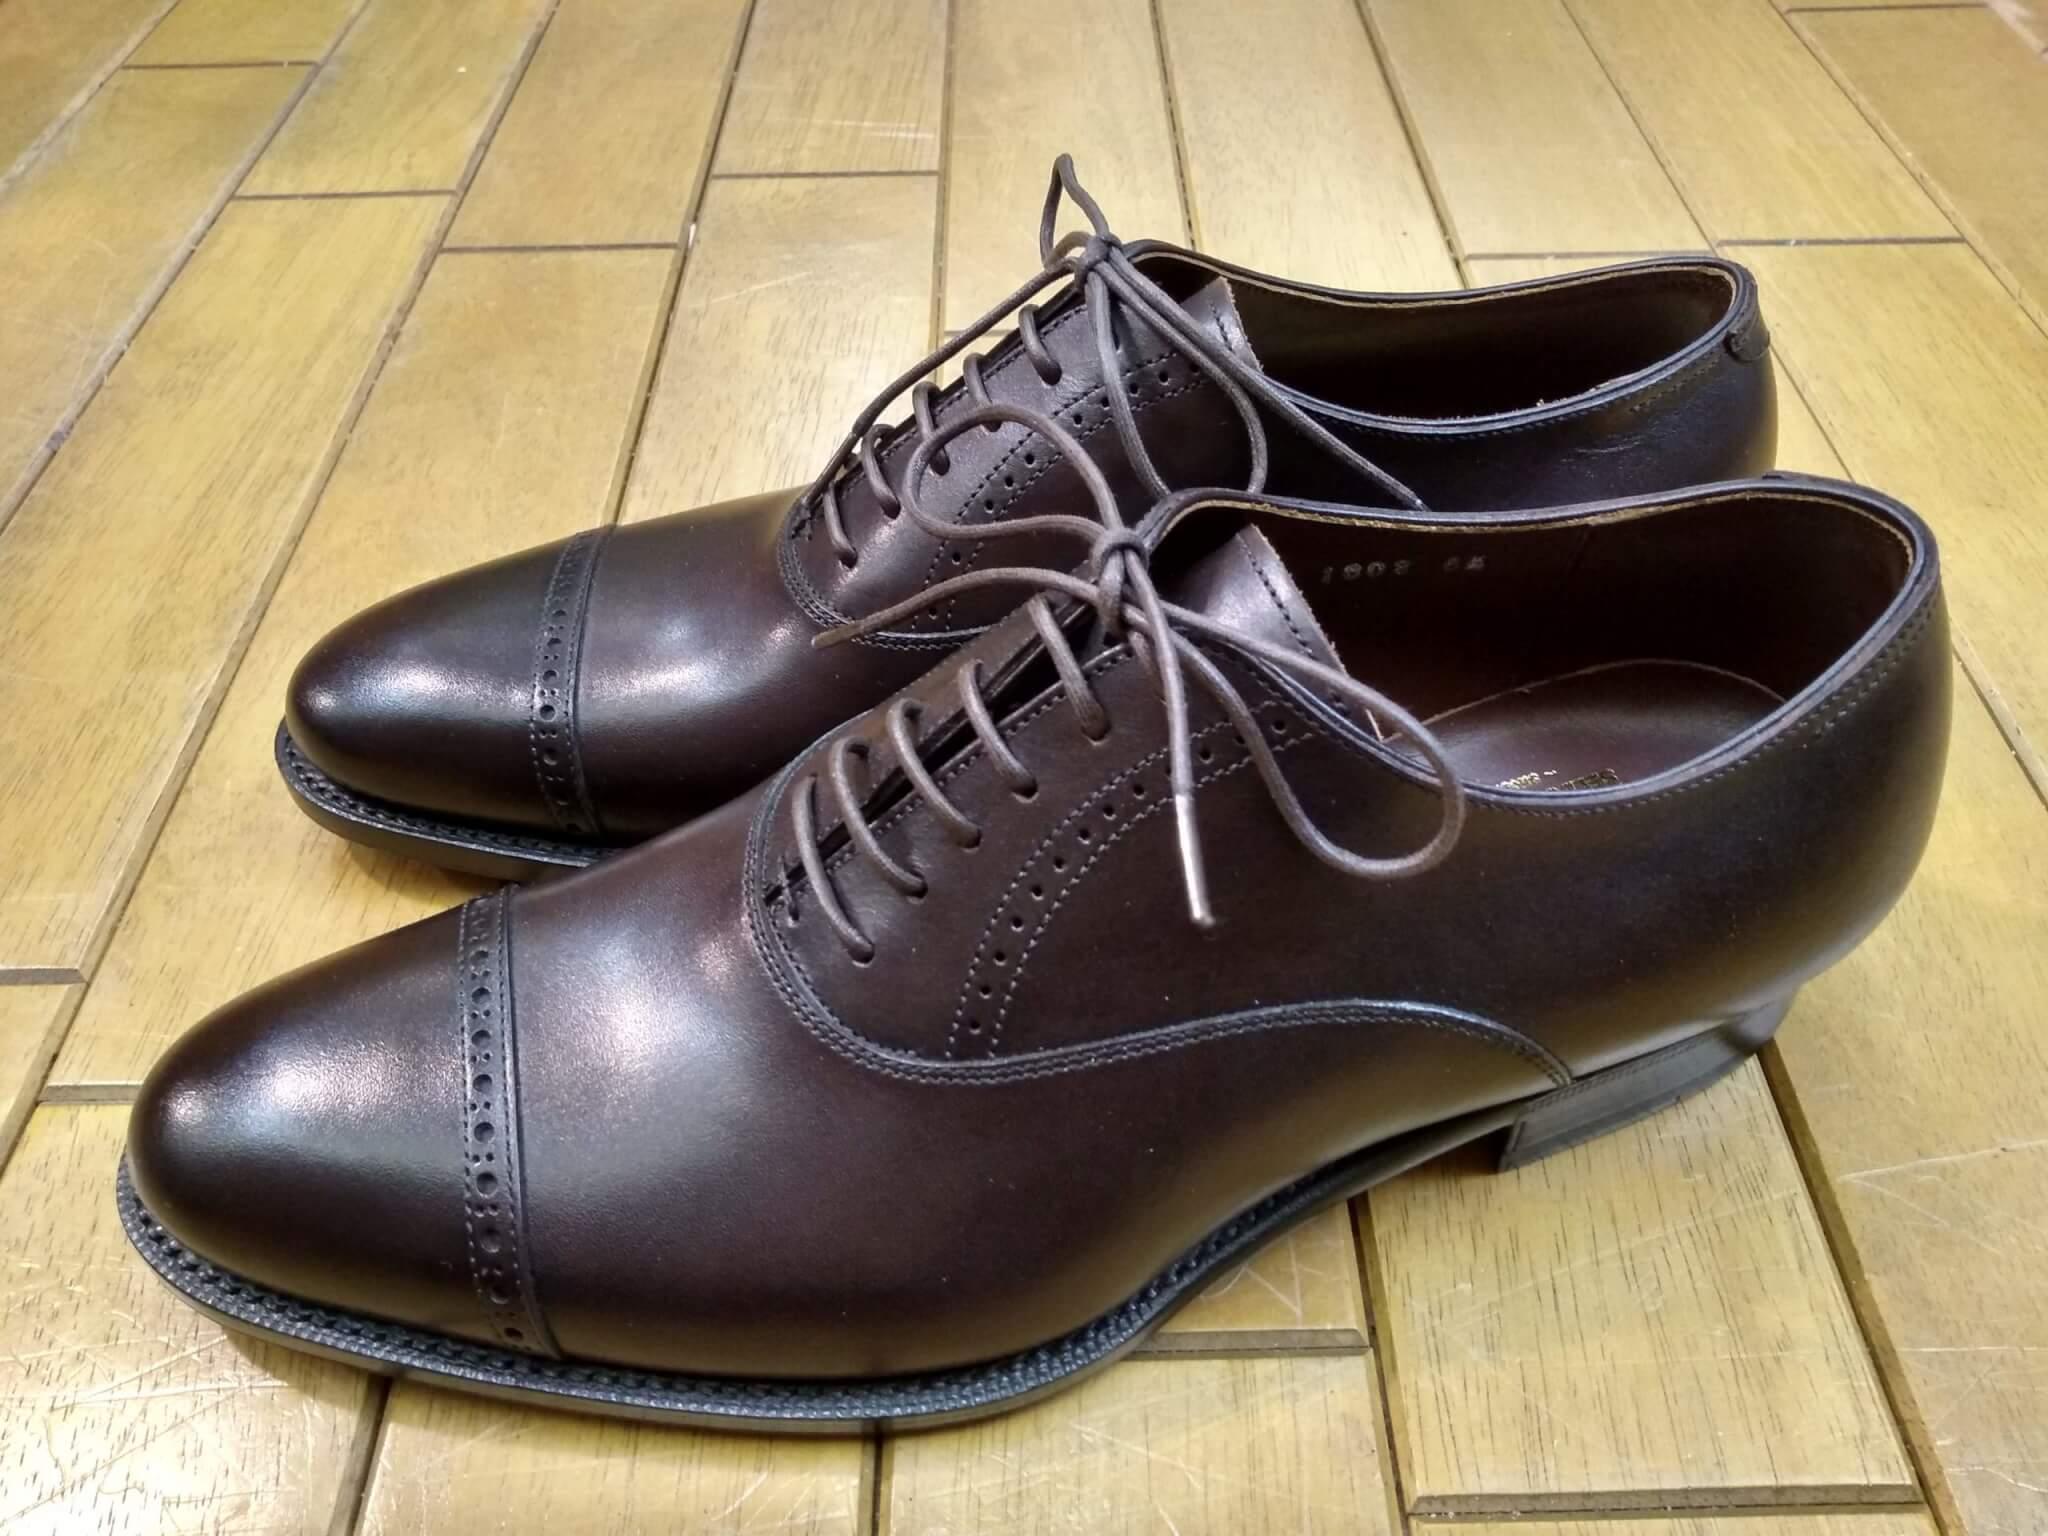 ビンテージ・トゥスチール取付の靴修理